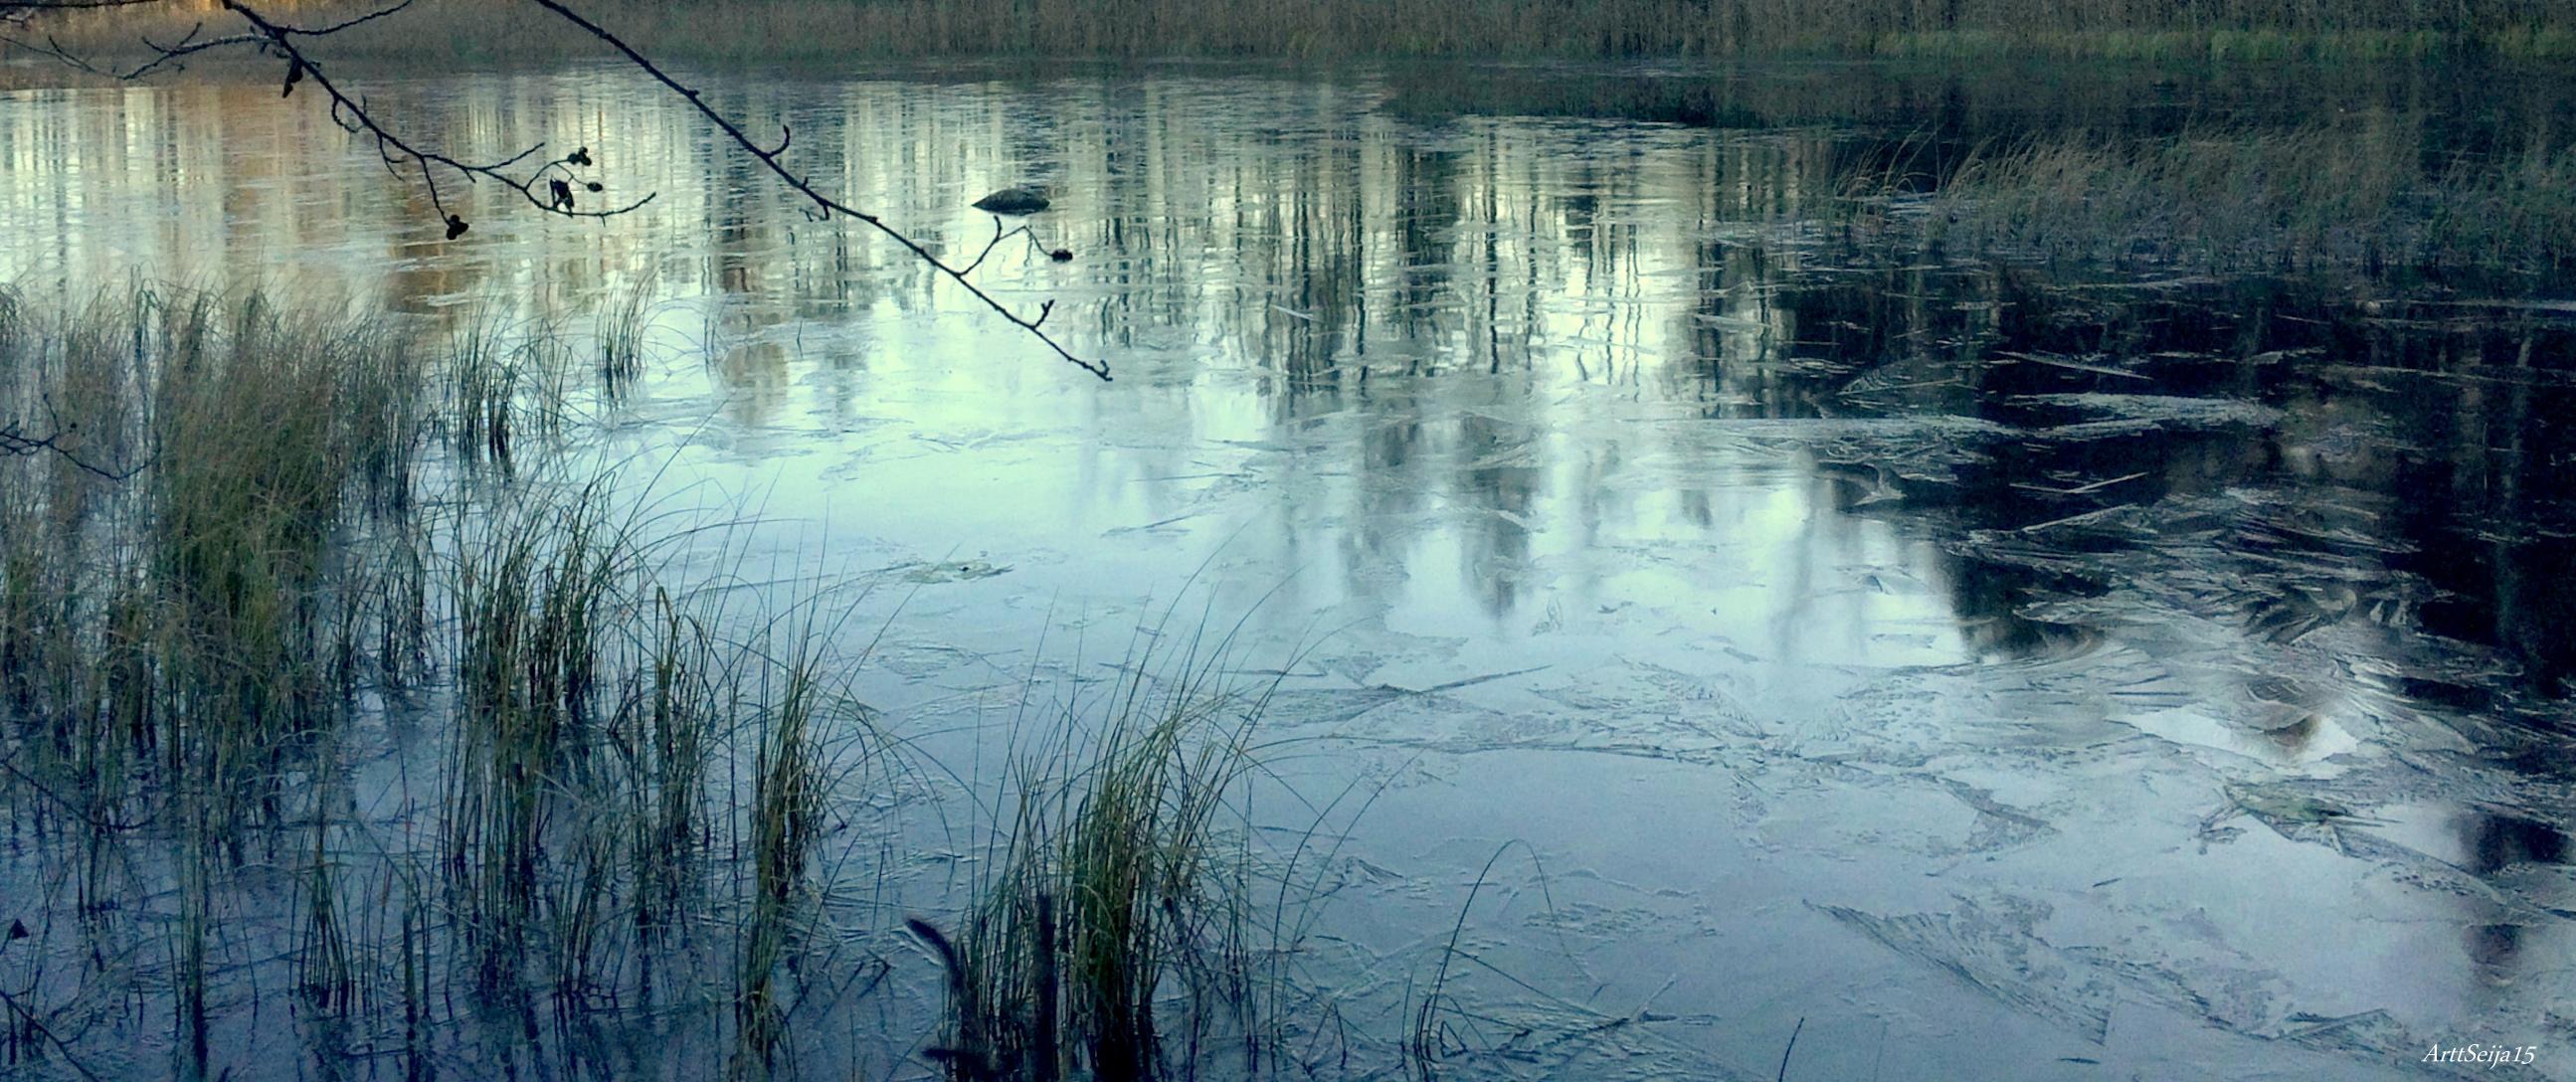 Jäätyvä järvi: Lahmajärvi, Urjala